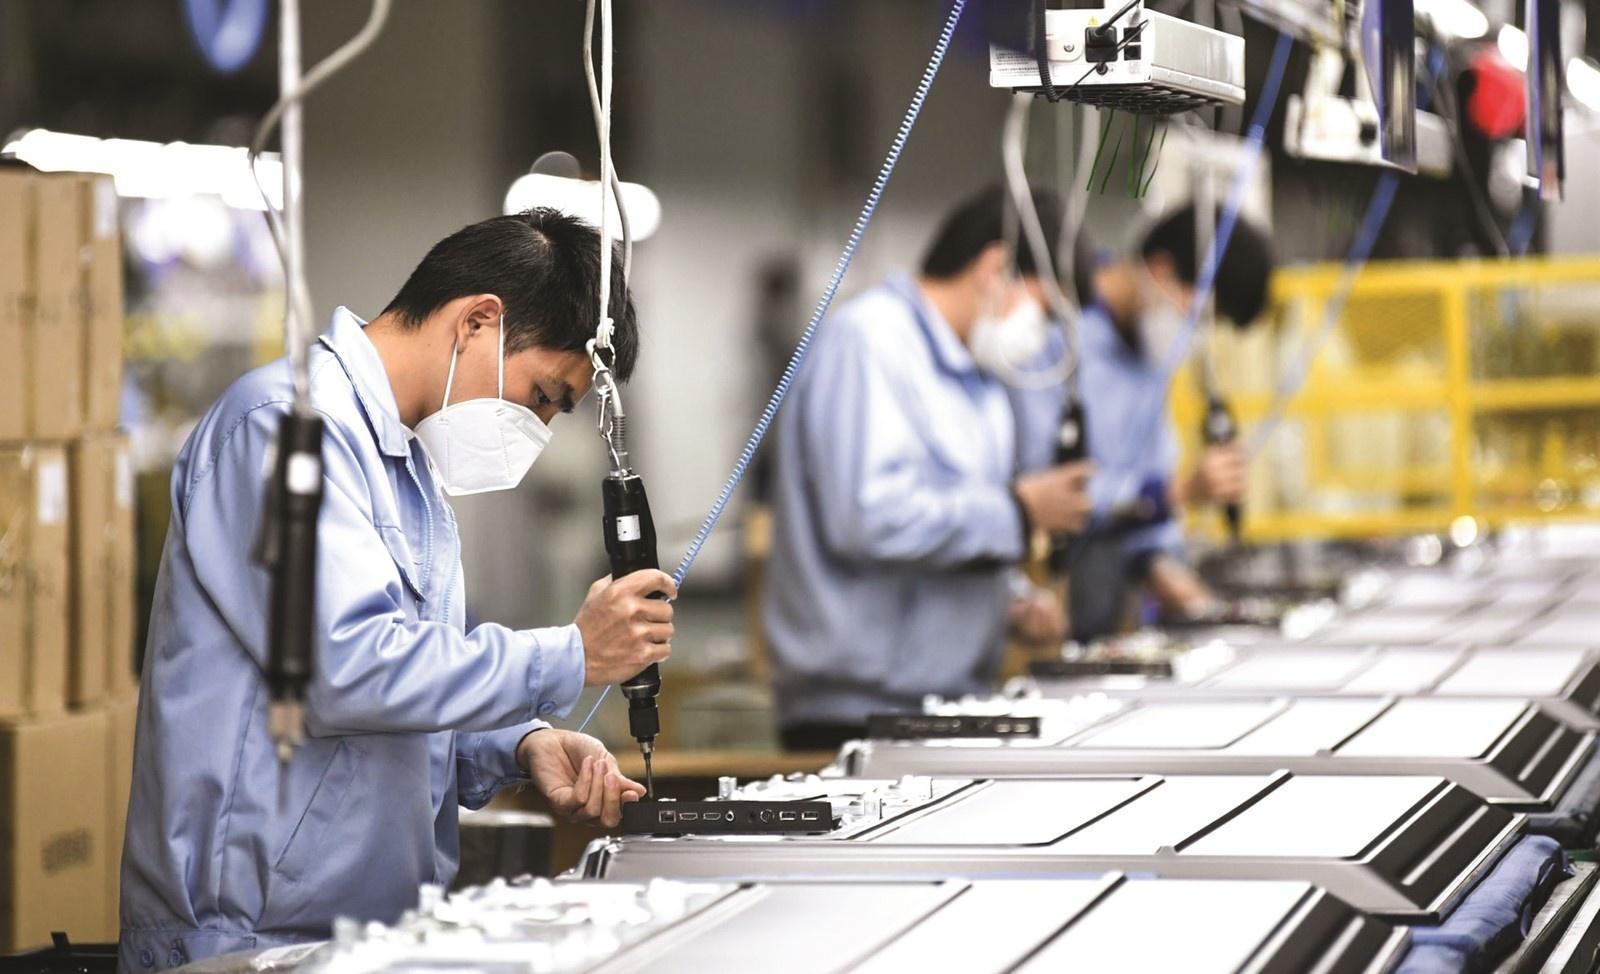 ADB dự báo kinh tế Việt Nam tăng trưởng ở mức 3,8% trong năm nay và 6,5% trong năm 2022